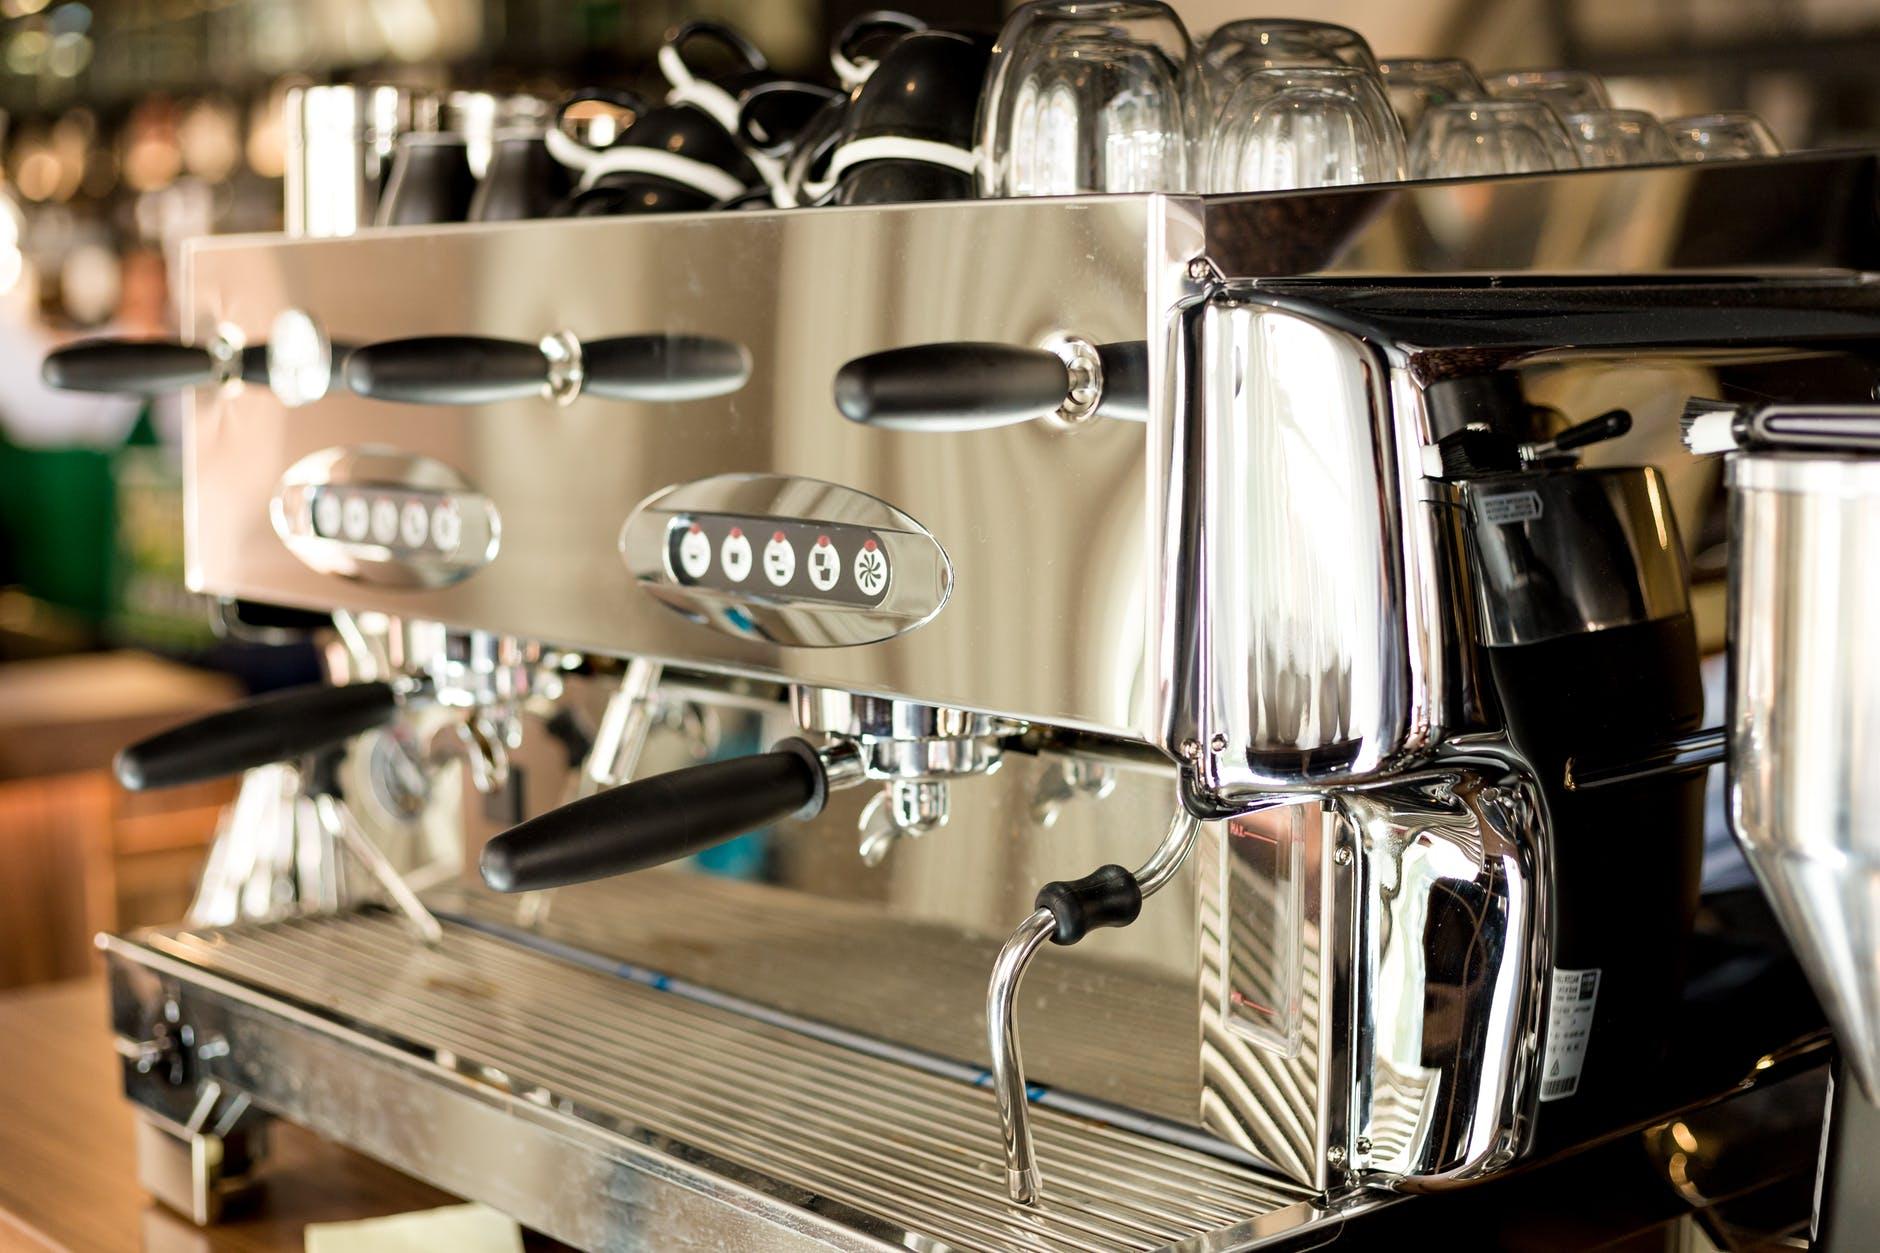 Espressomaschine auch Siebträgermaschine genannt